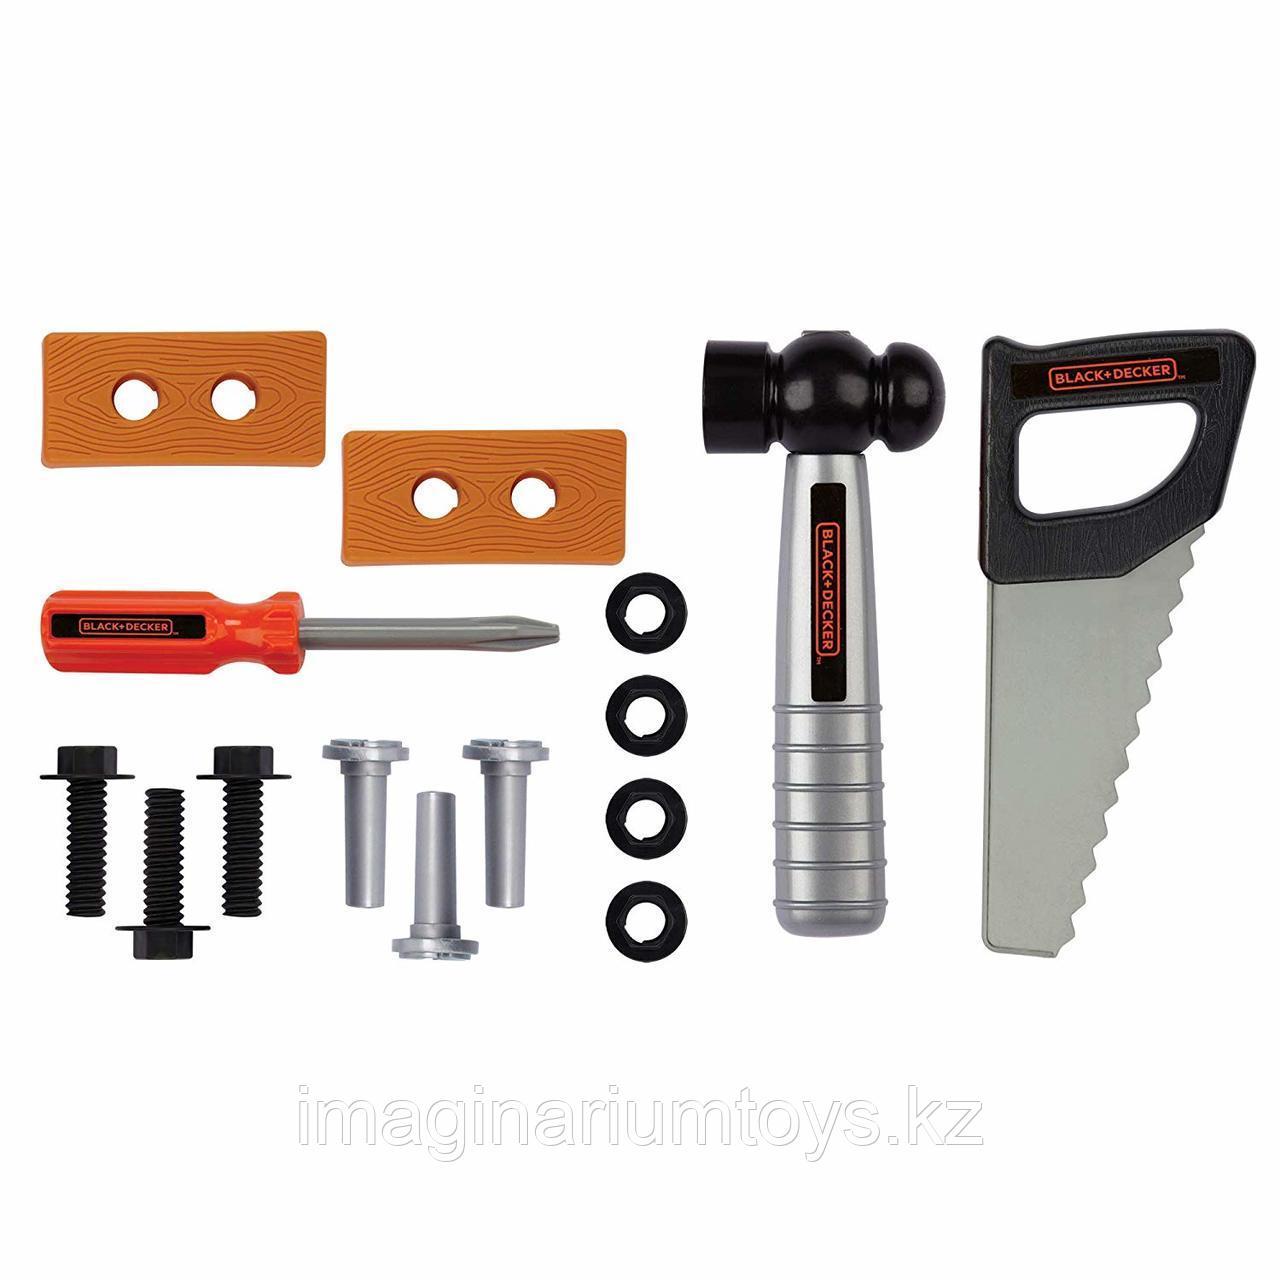 Развивающий игровой набор «Столярные инструменты» Black&Decker